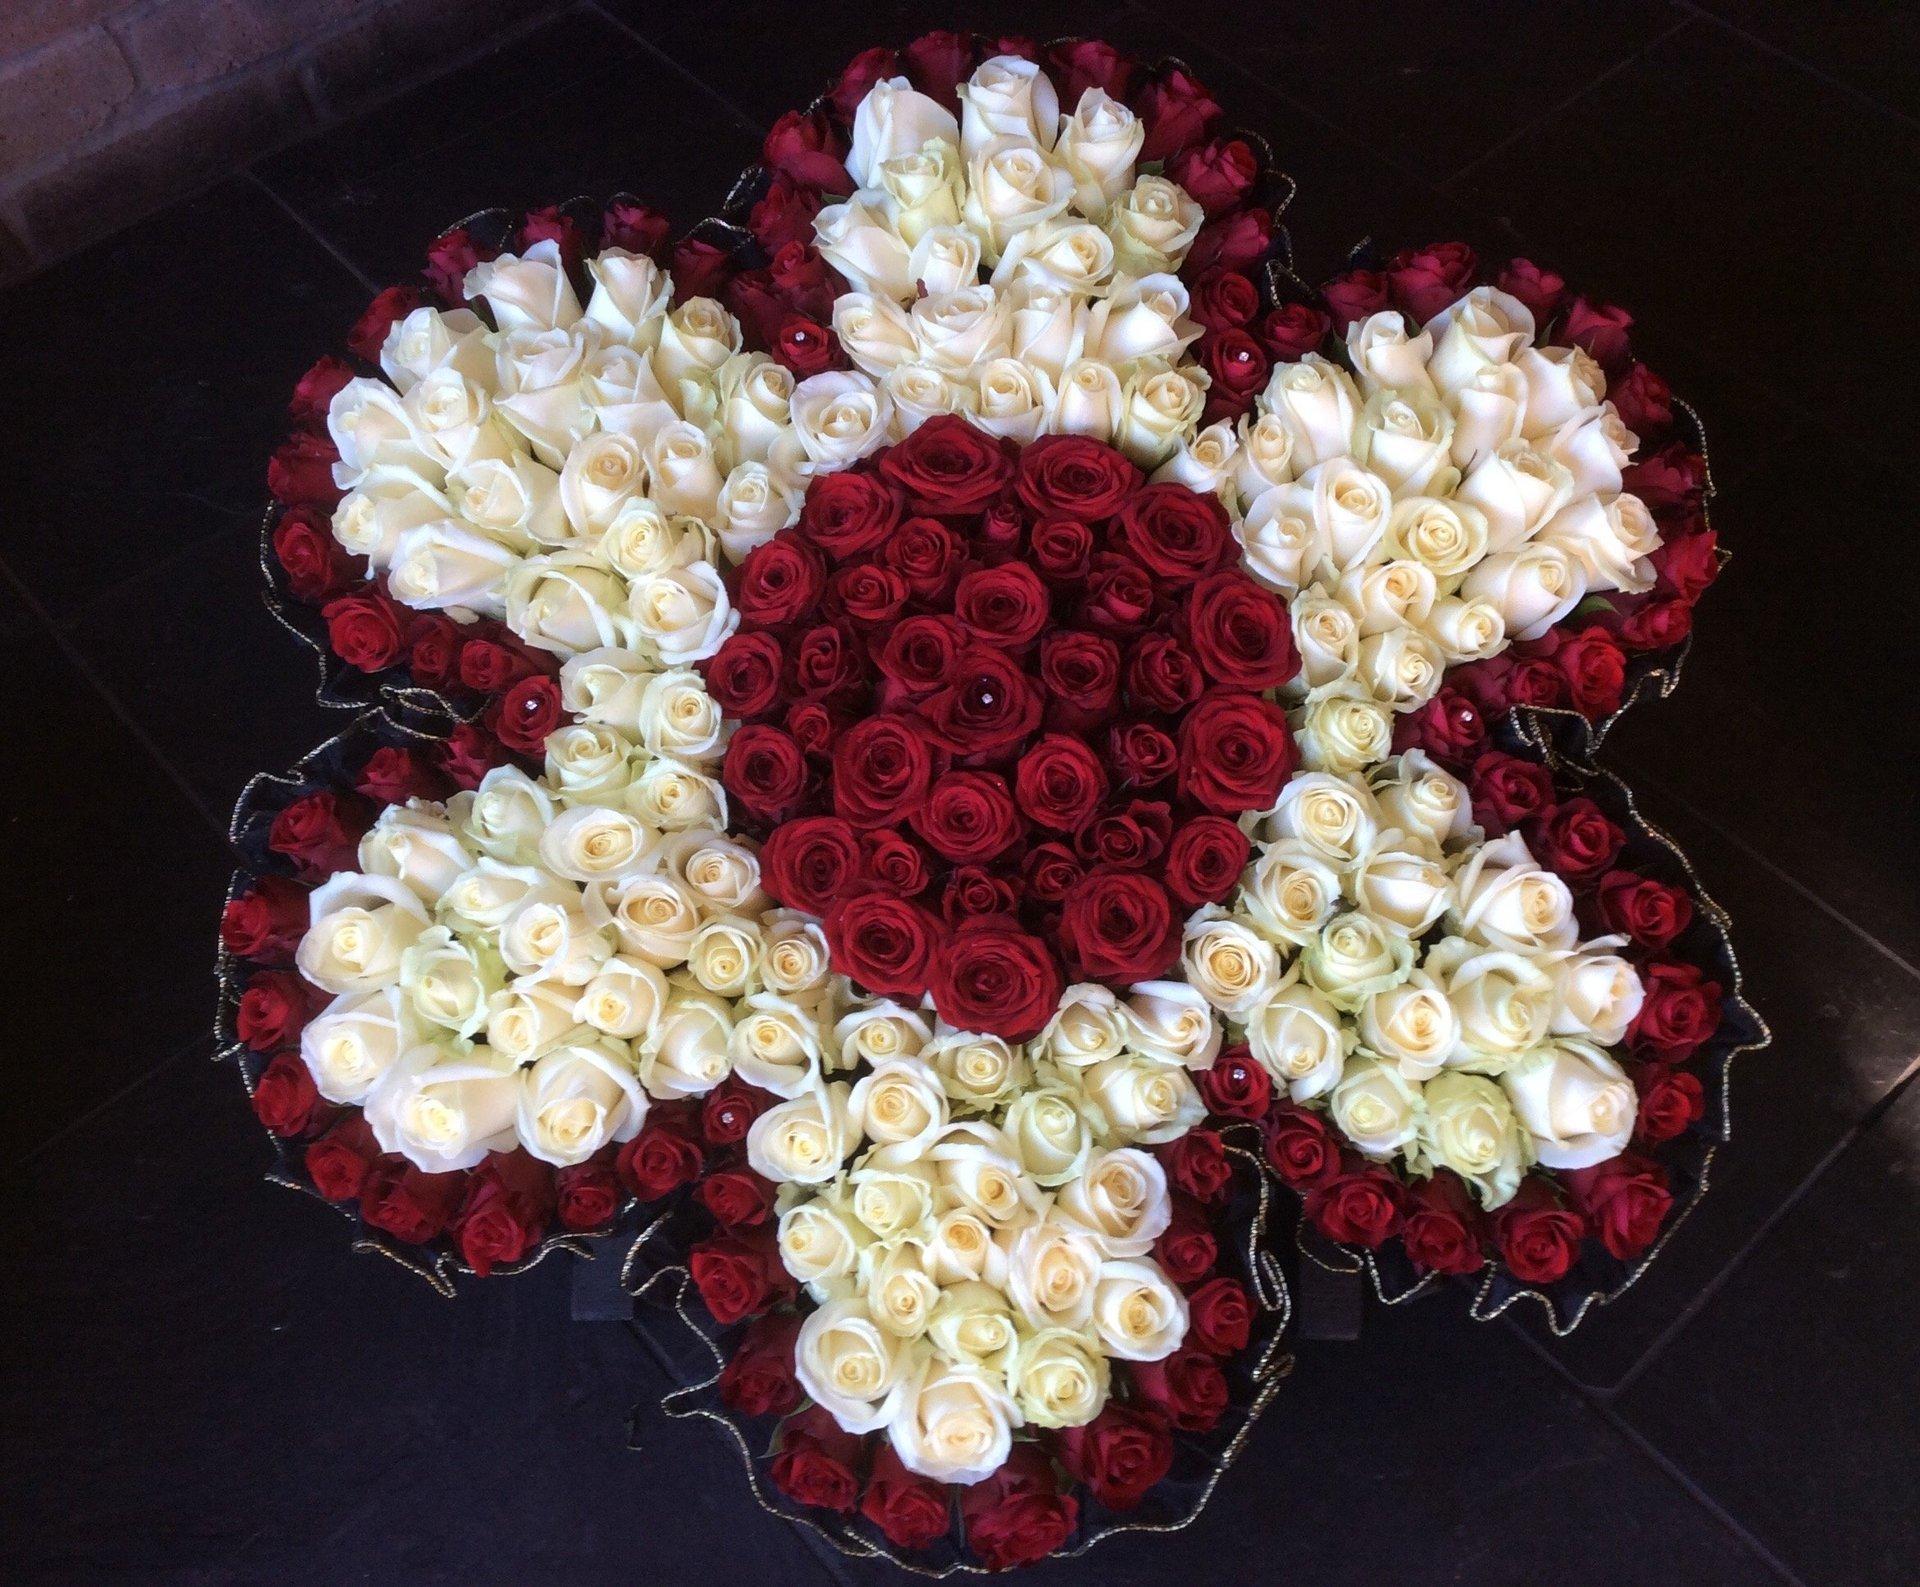 flowers arranged in flower shape